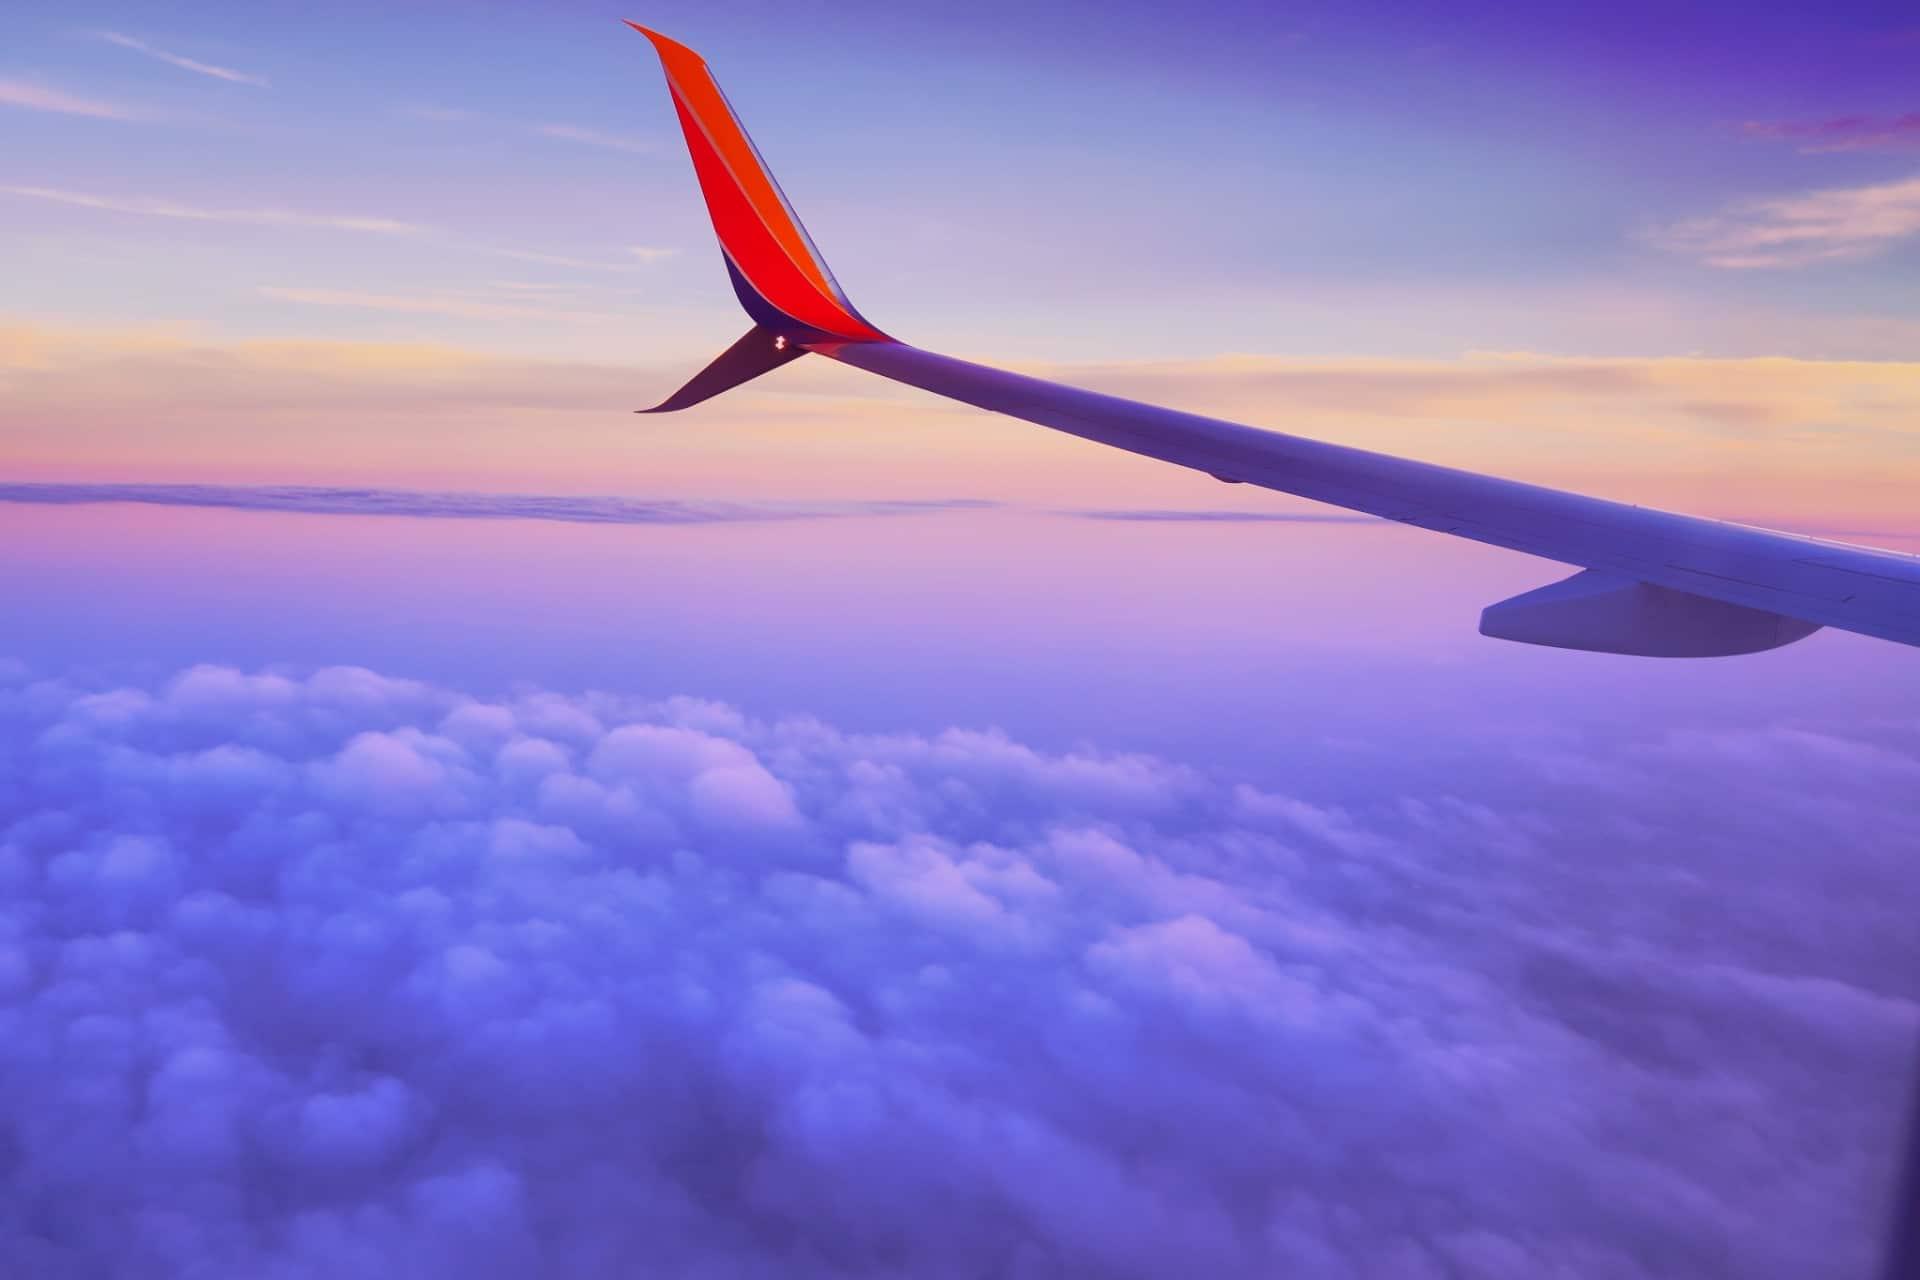 Как сэкономить в отпуске: сервисы, приложения и лайфхаки - ITC.ua